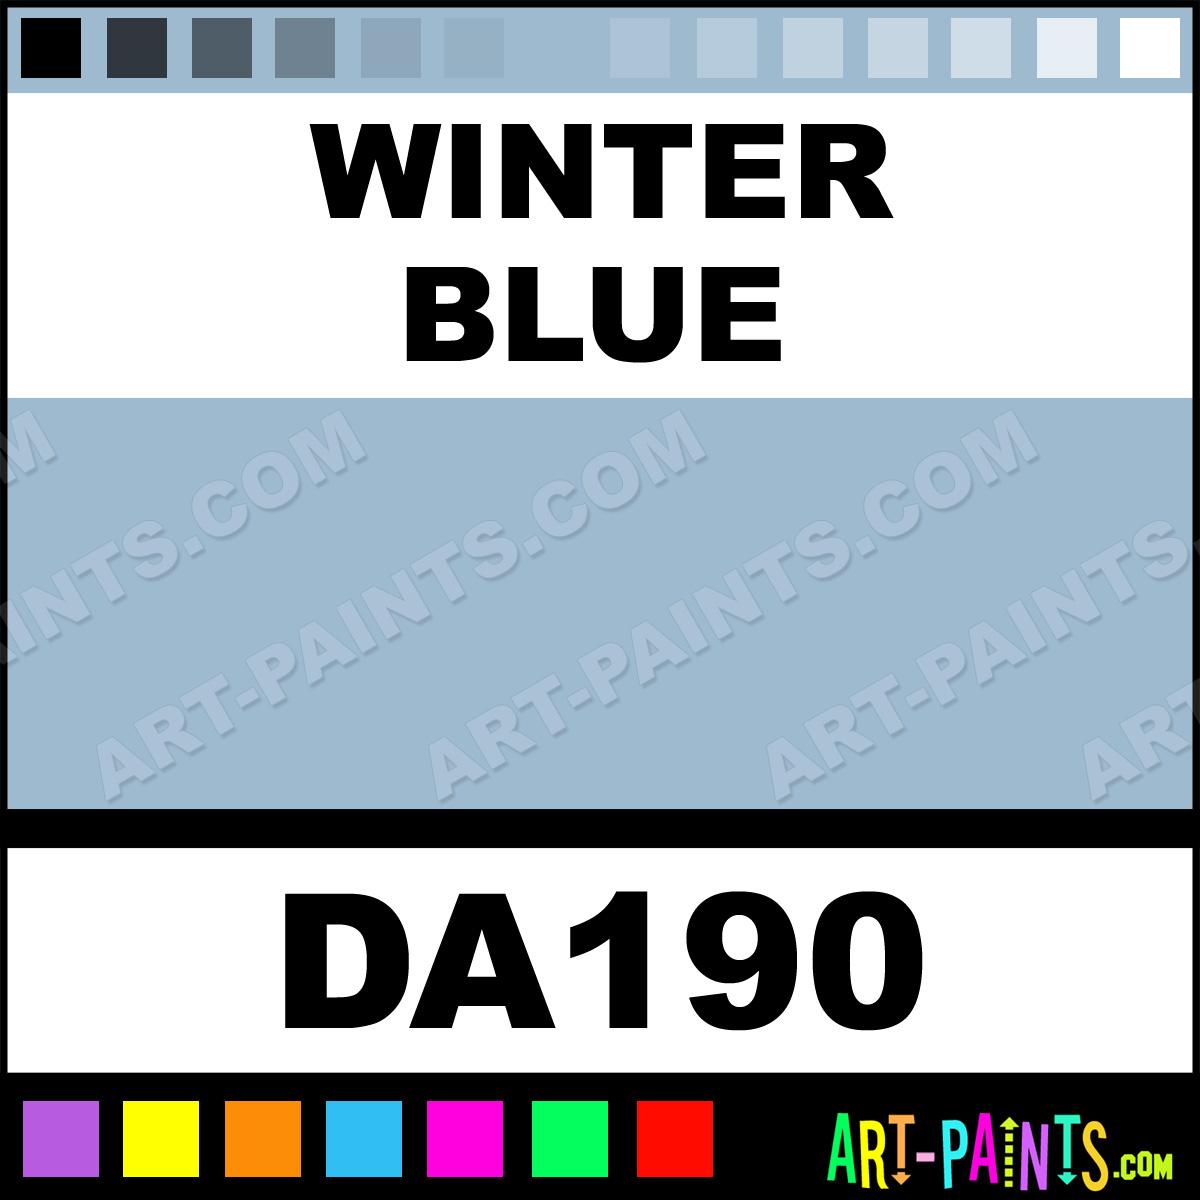 Winter Paint Colors: Winter Blue DecoArt Acrylic Paints